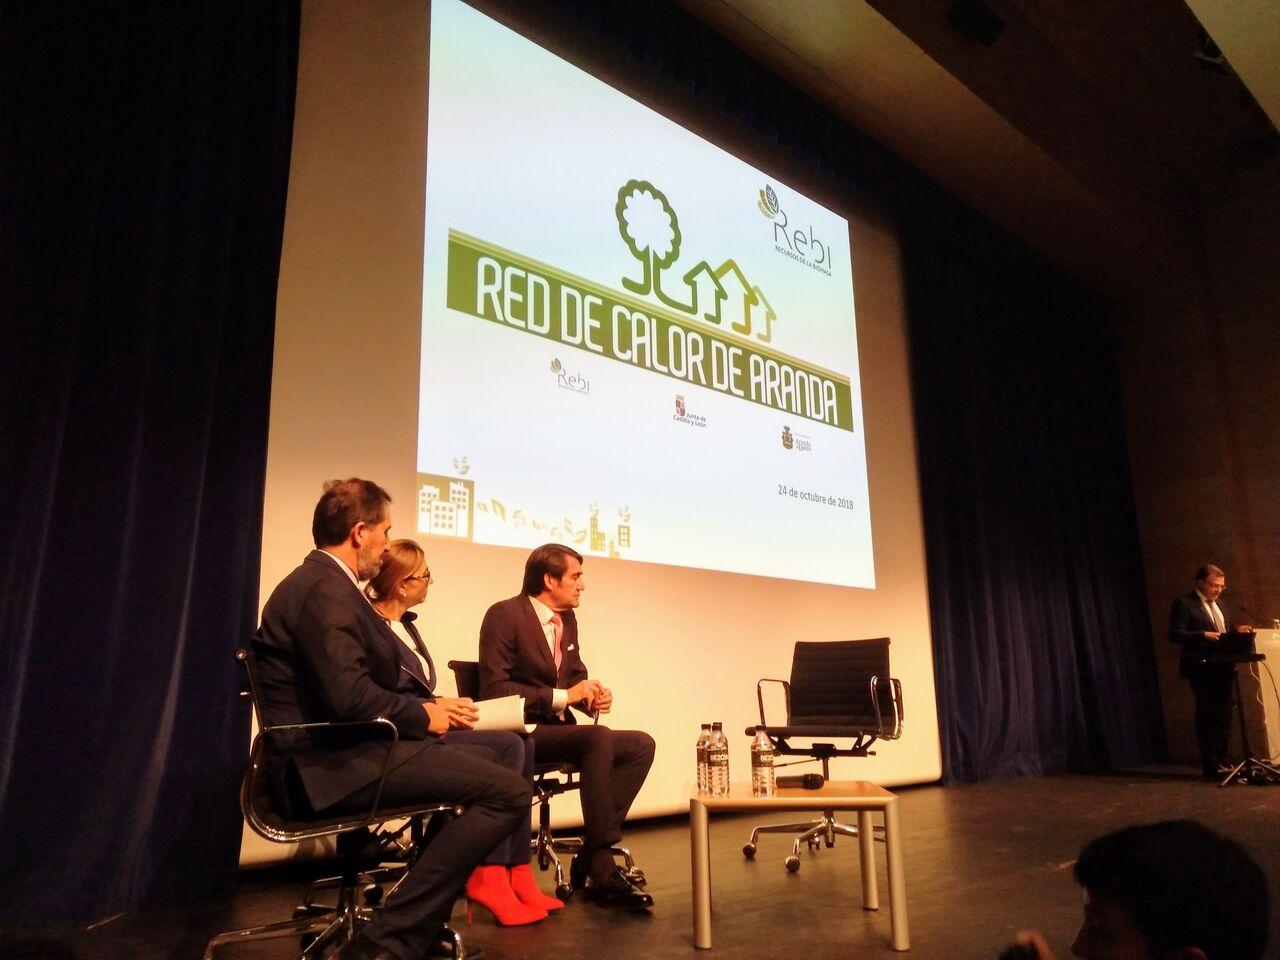 Presentación de la Red de Calor de Aranda en la Fundación Caja de Burgos